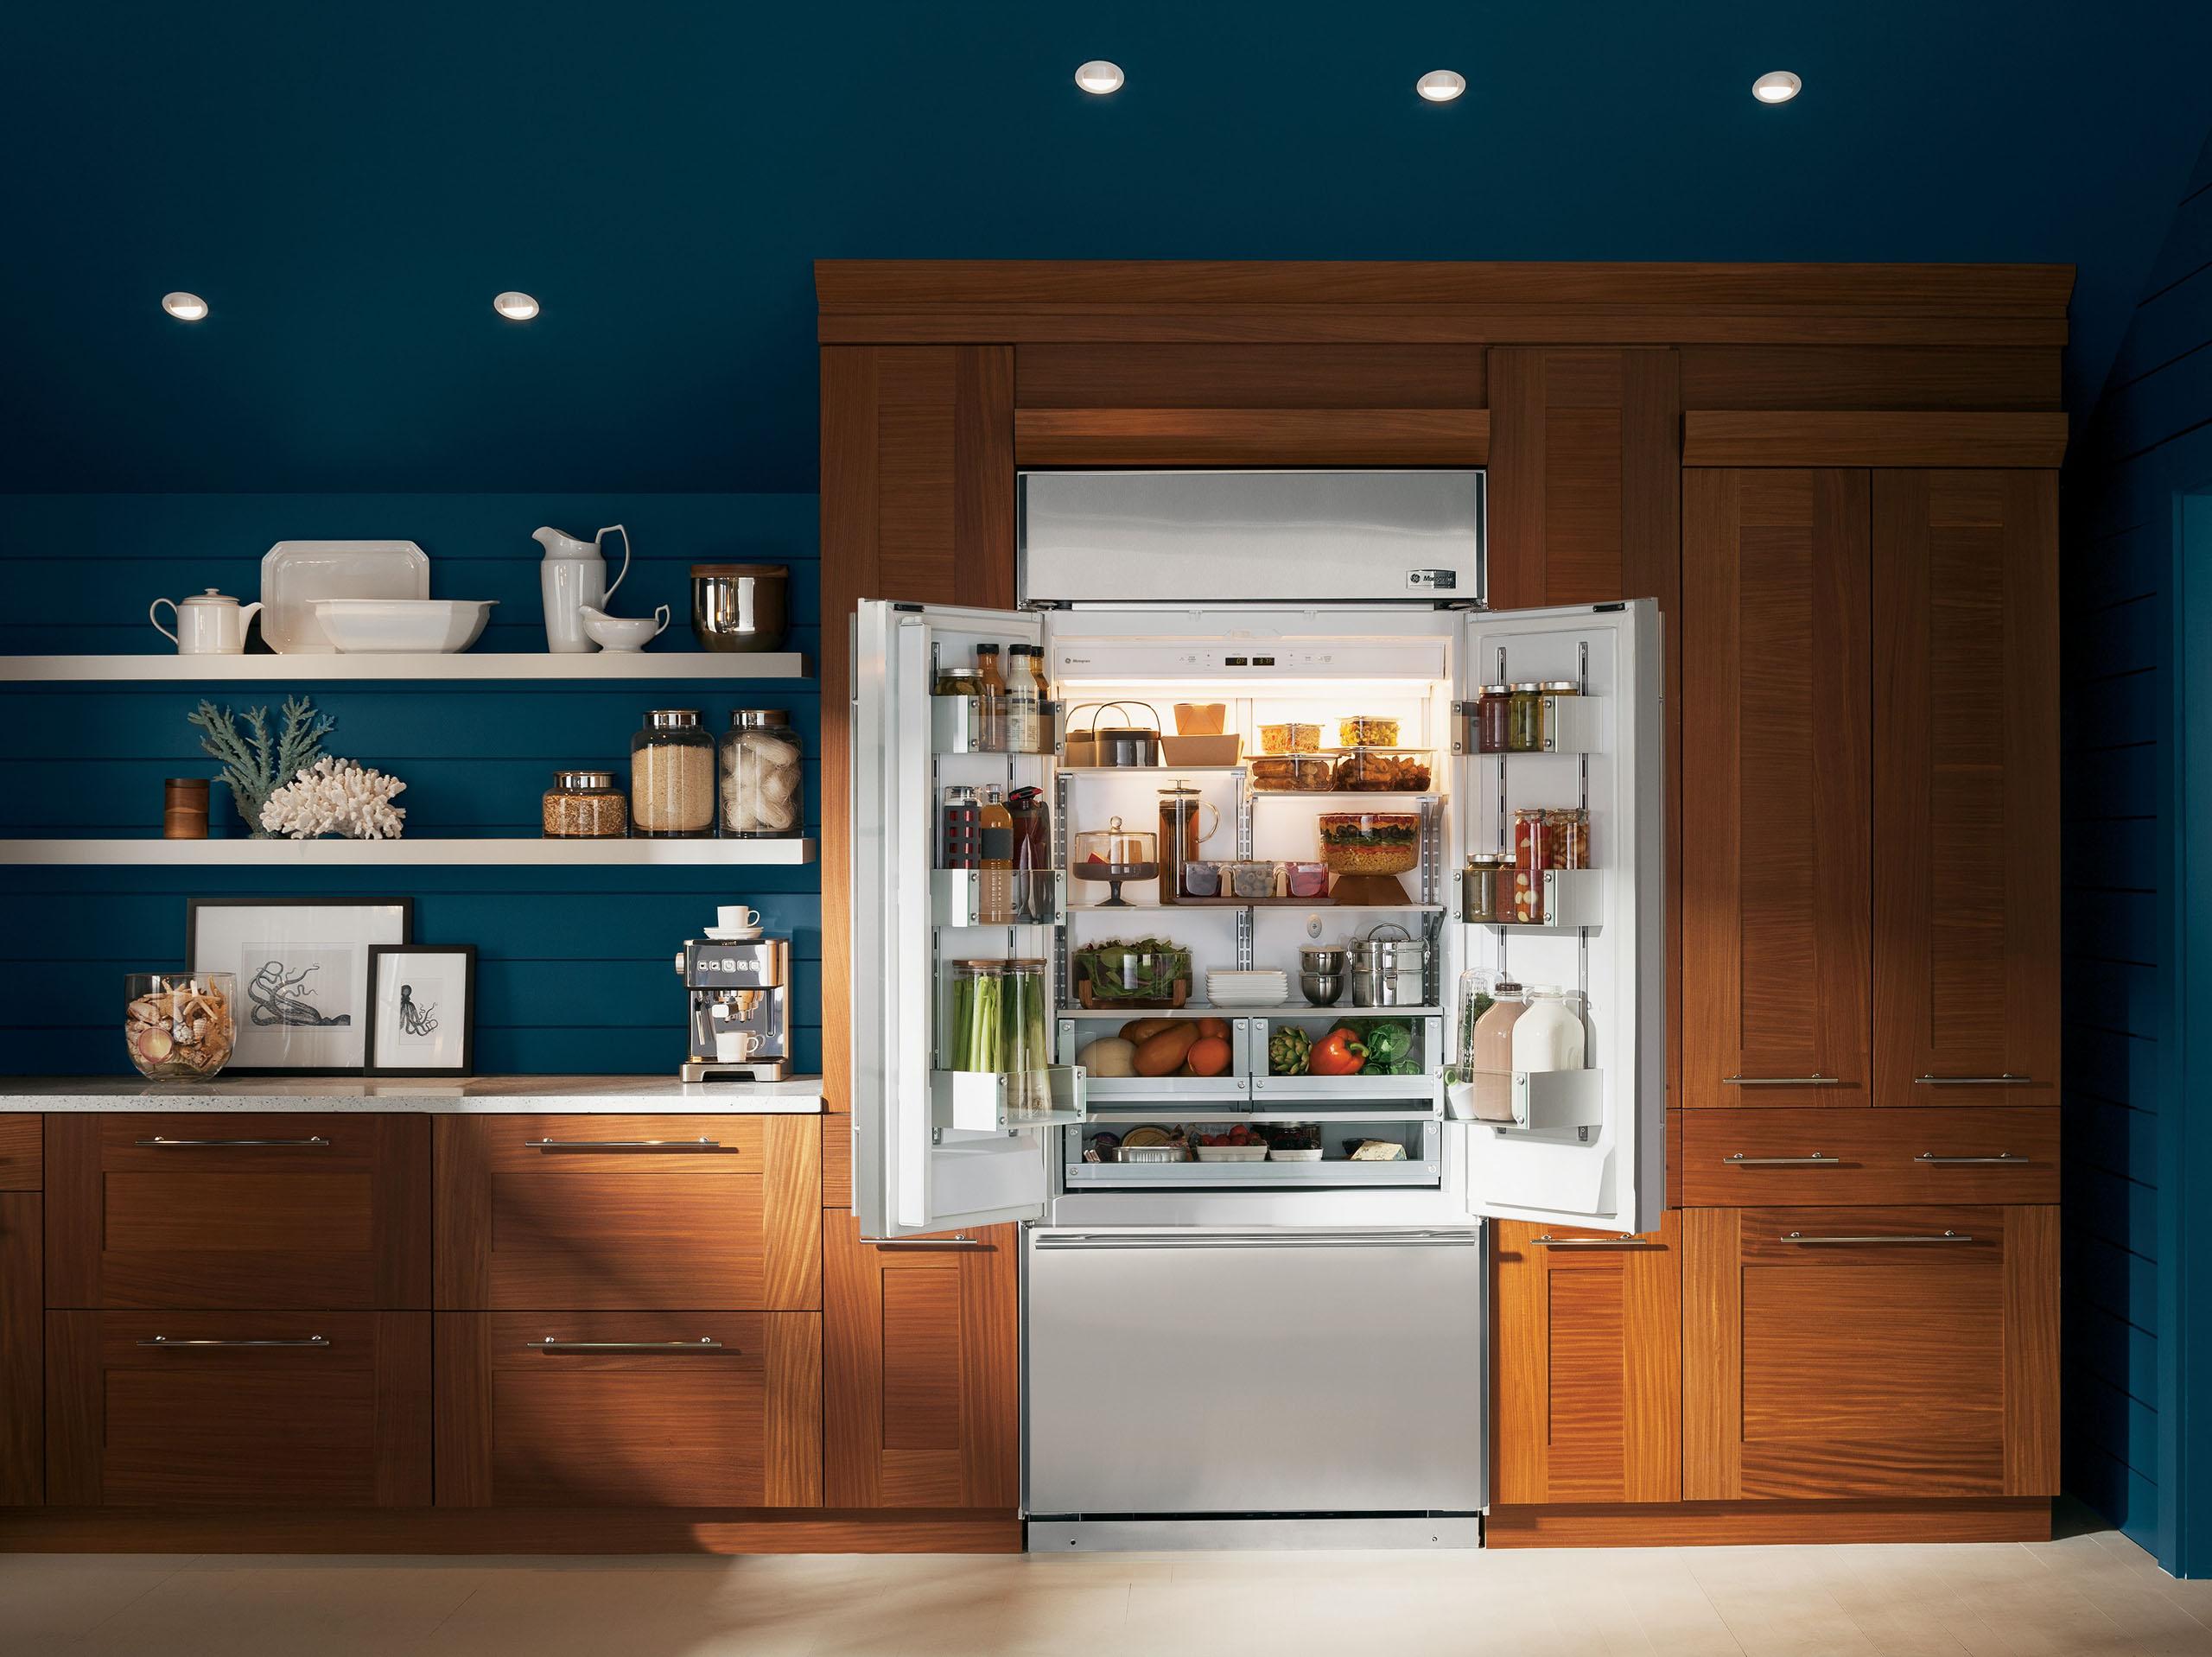 Ge monogram refrigerator repair.